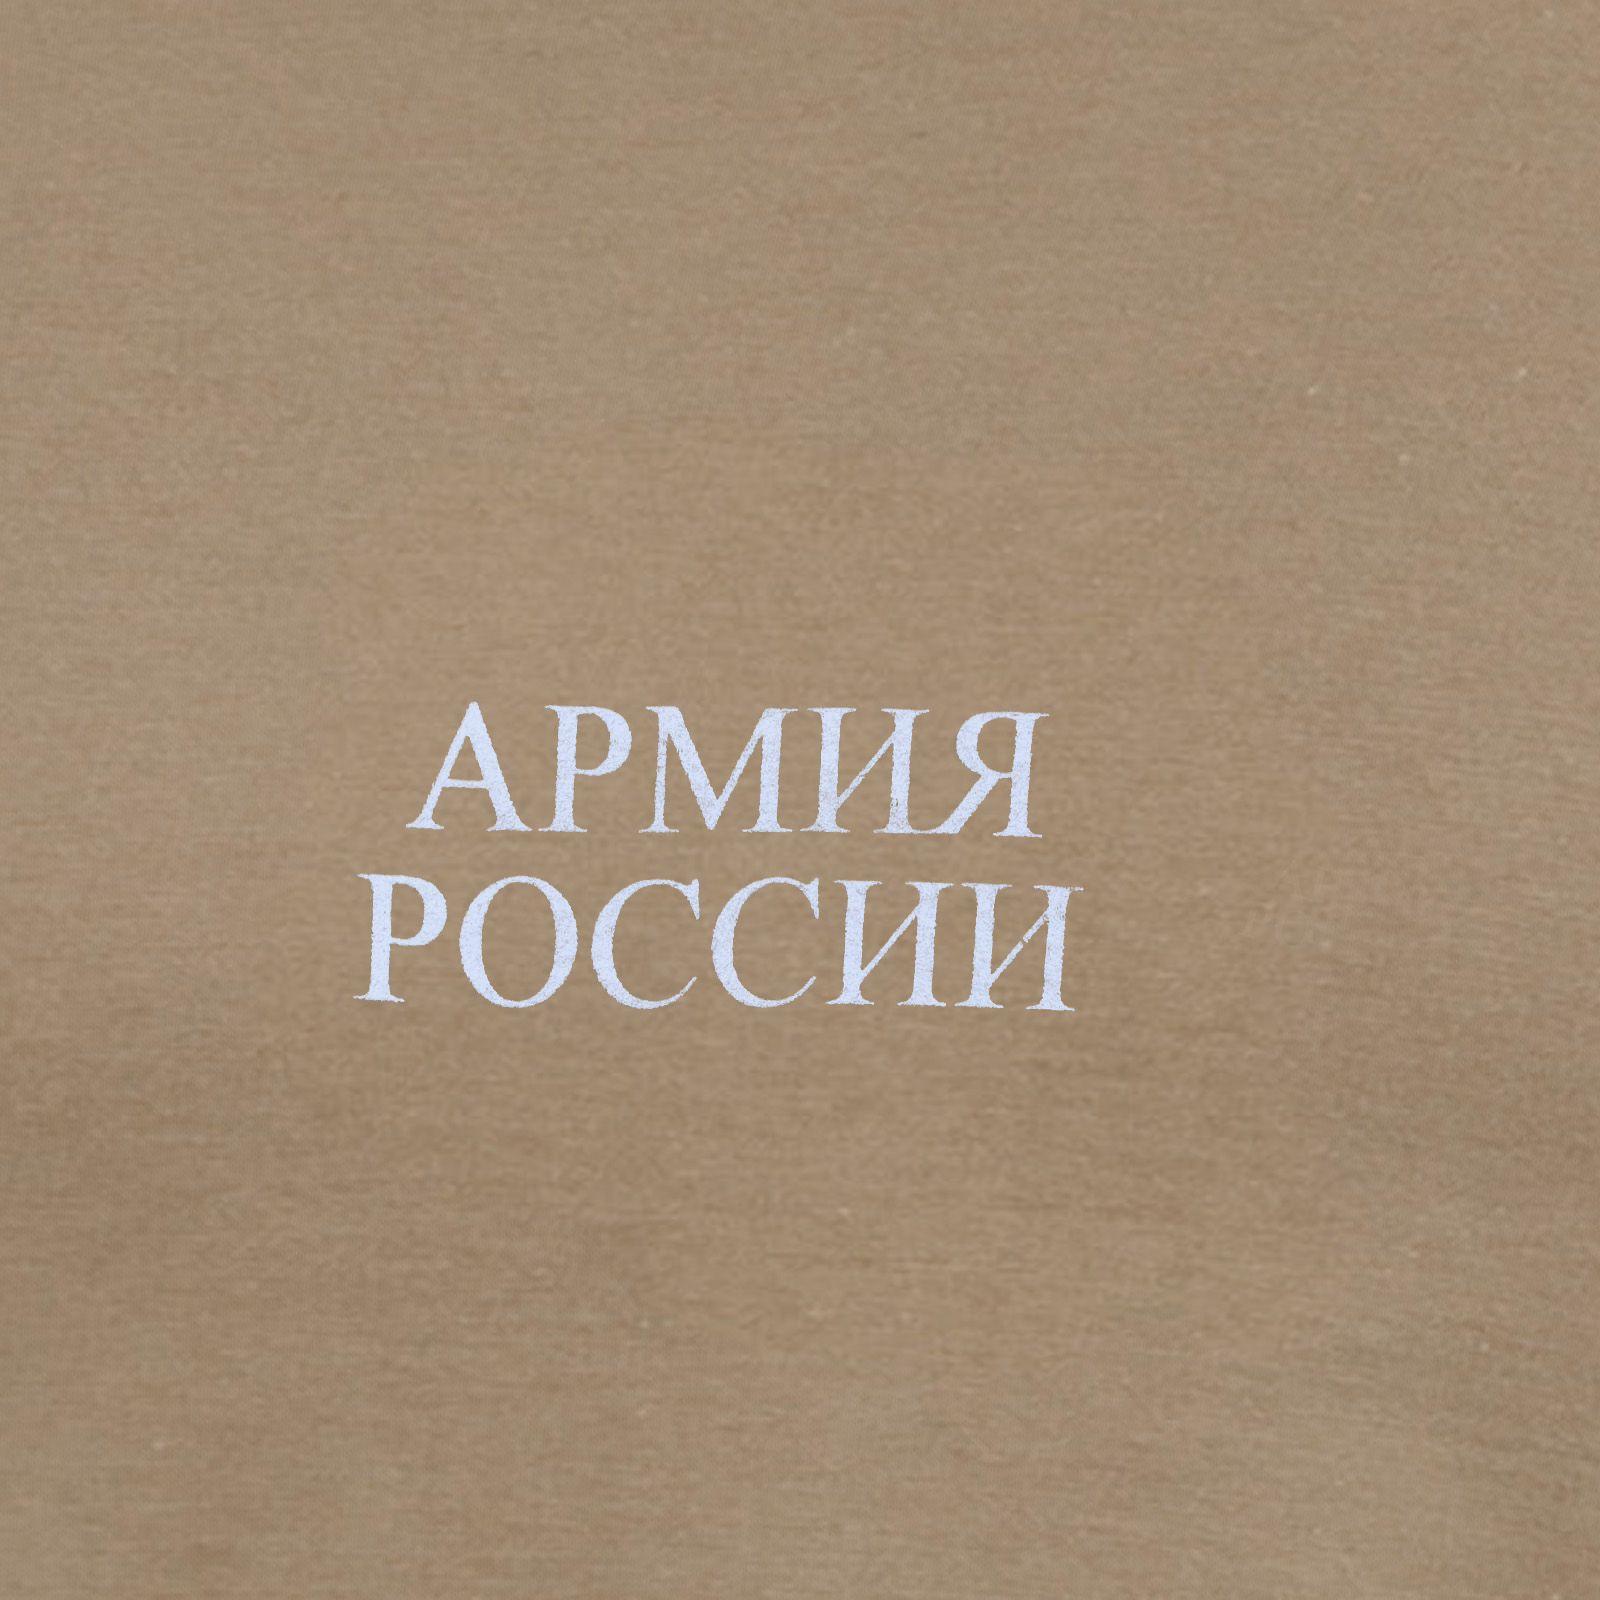 Футболка уставная  «Армия России» песочного цвета